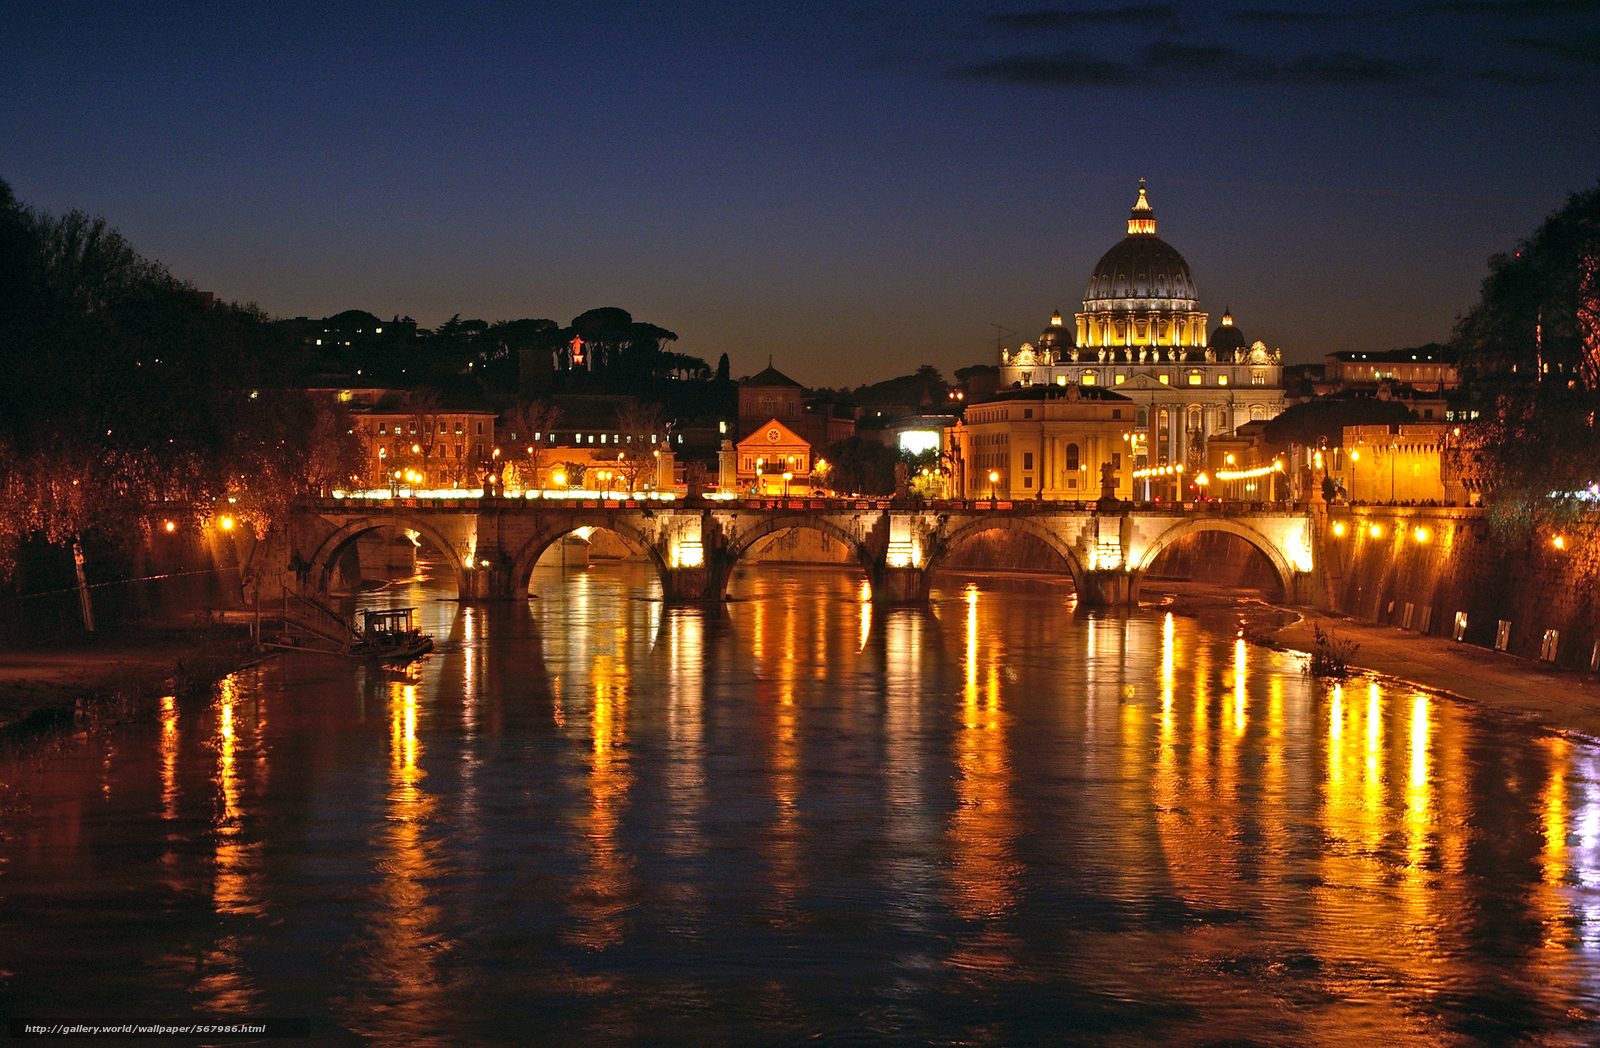 tlcharger fond decran rome - photo #4